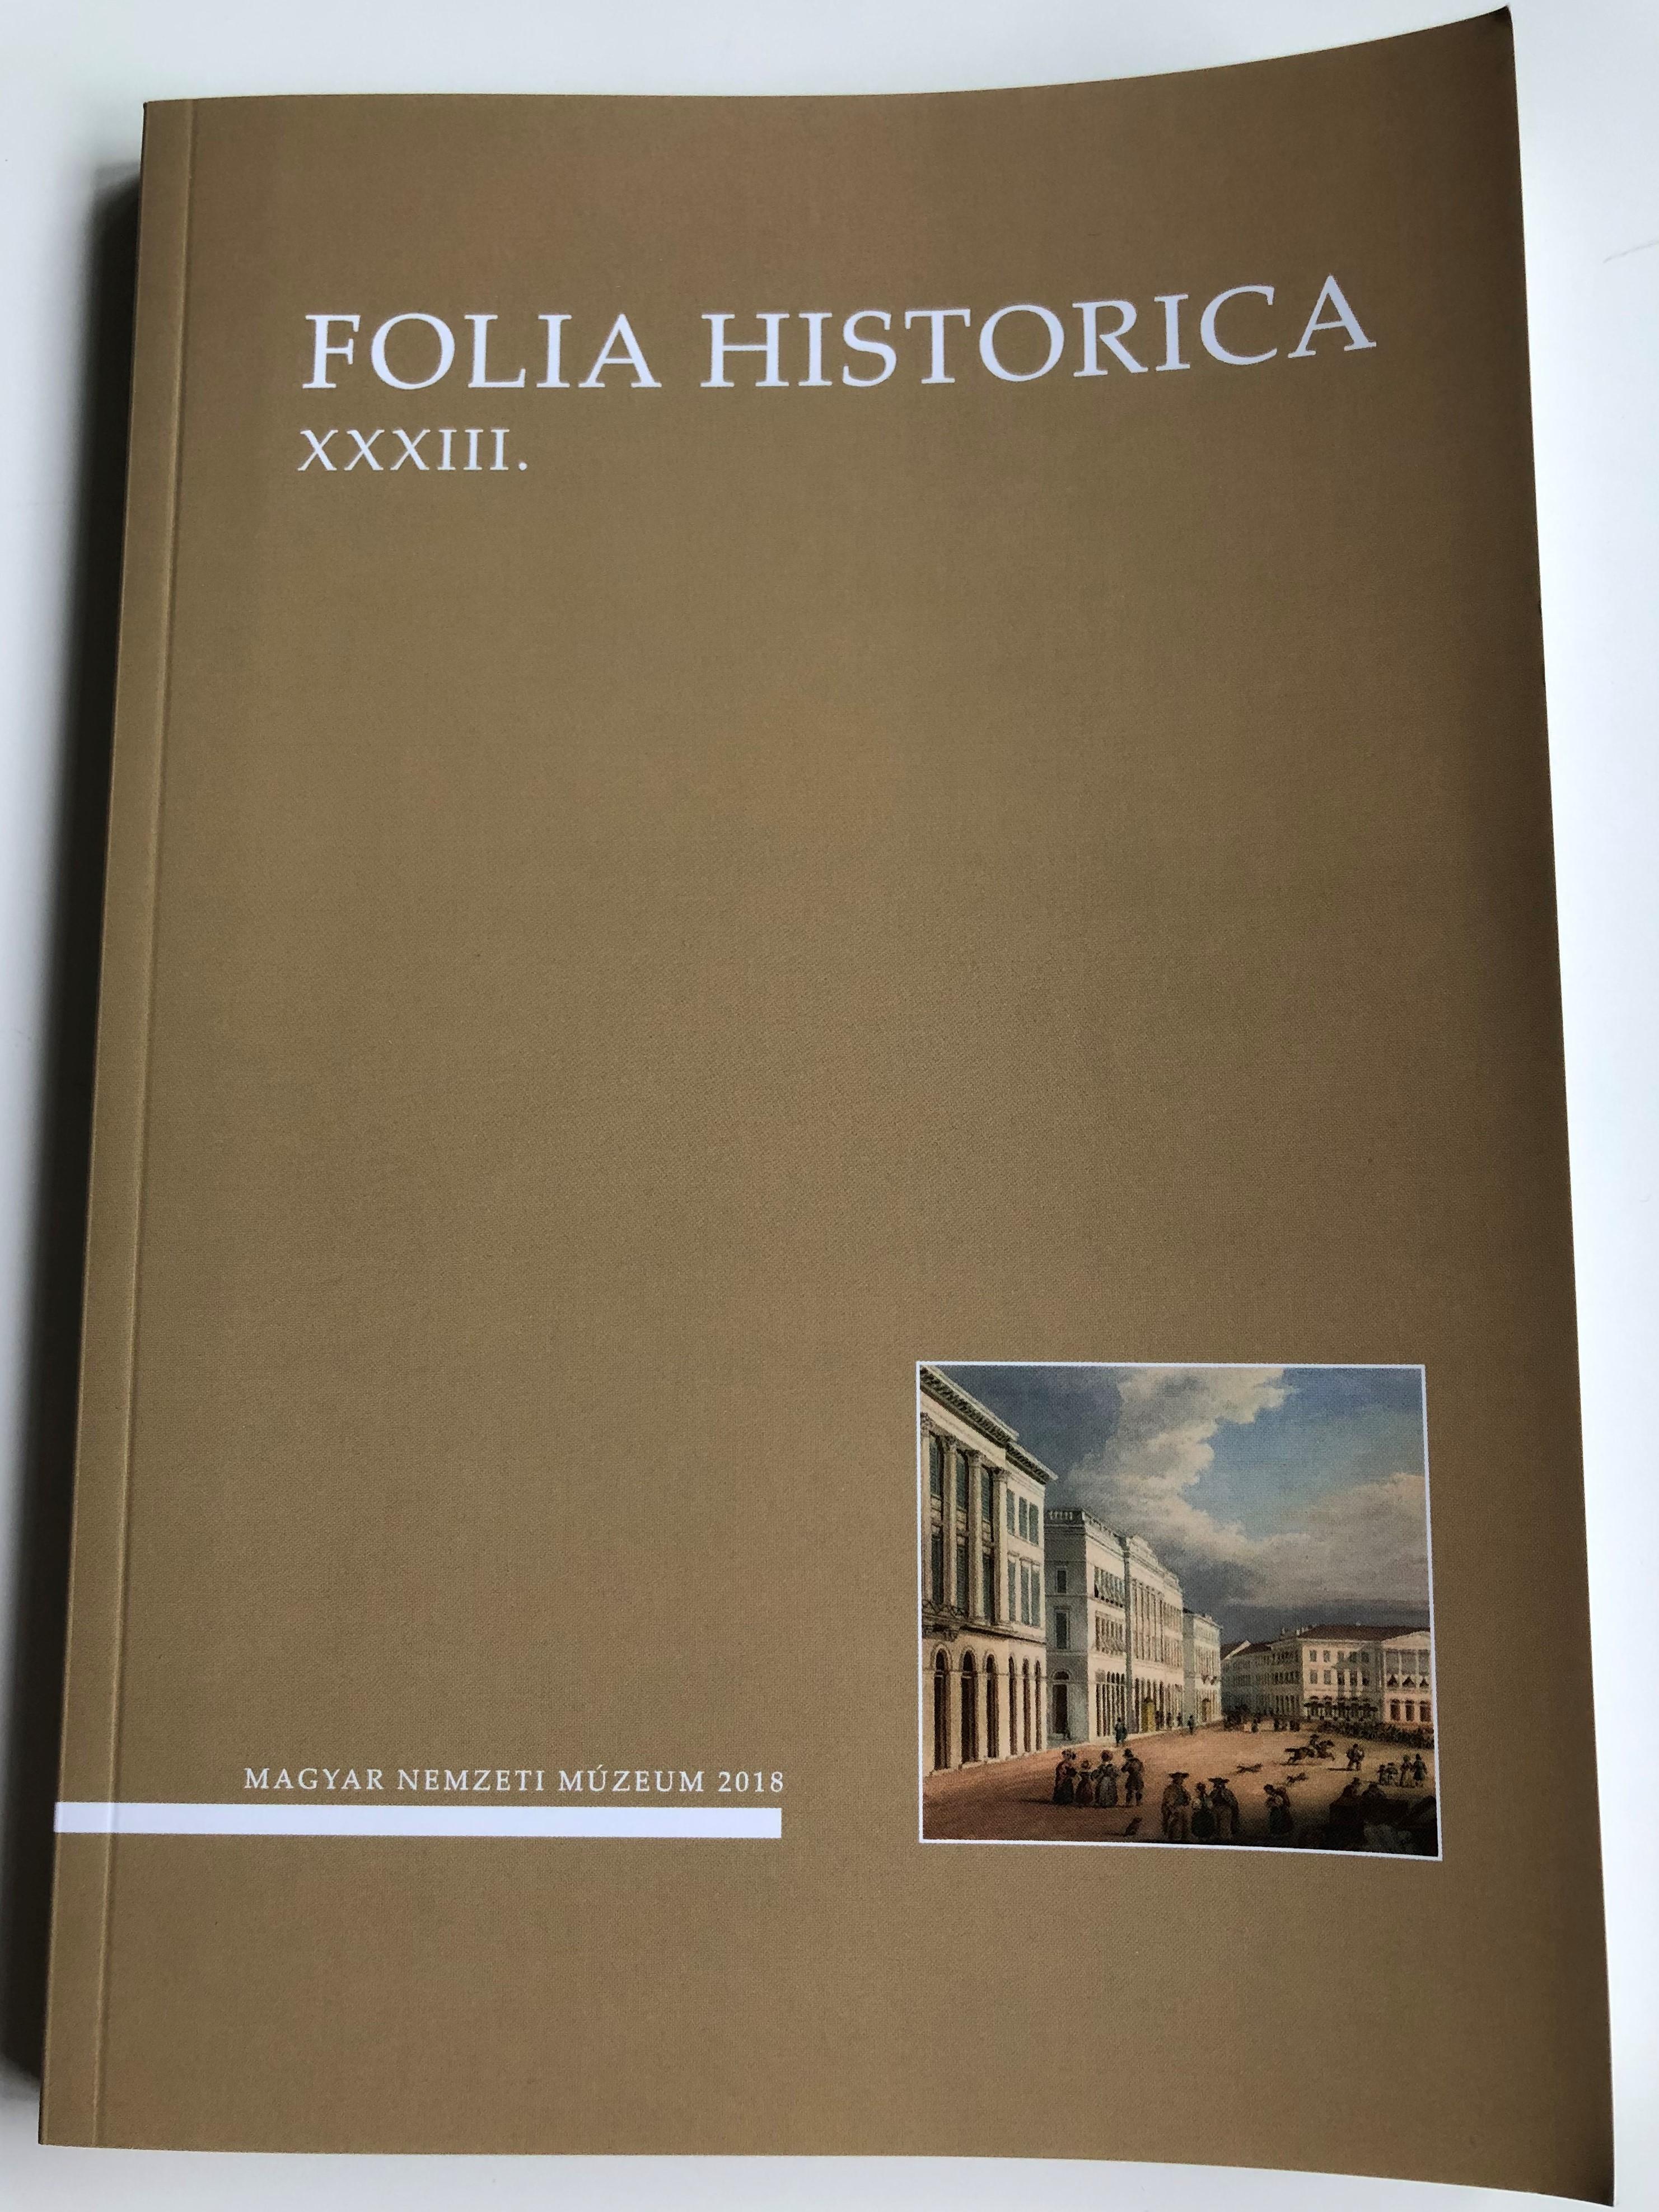 folia-historica-xxxiii.-magyar-nemzeti-m-zeum-2018-1.jpg